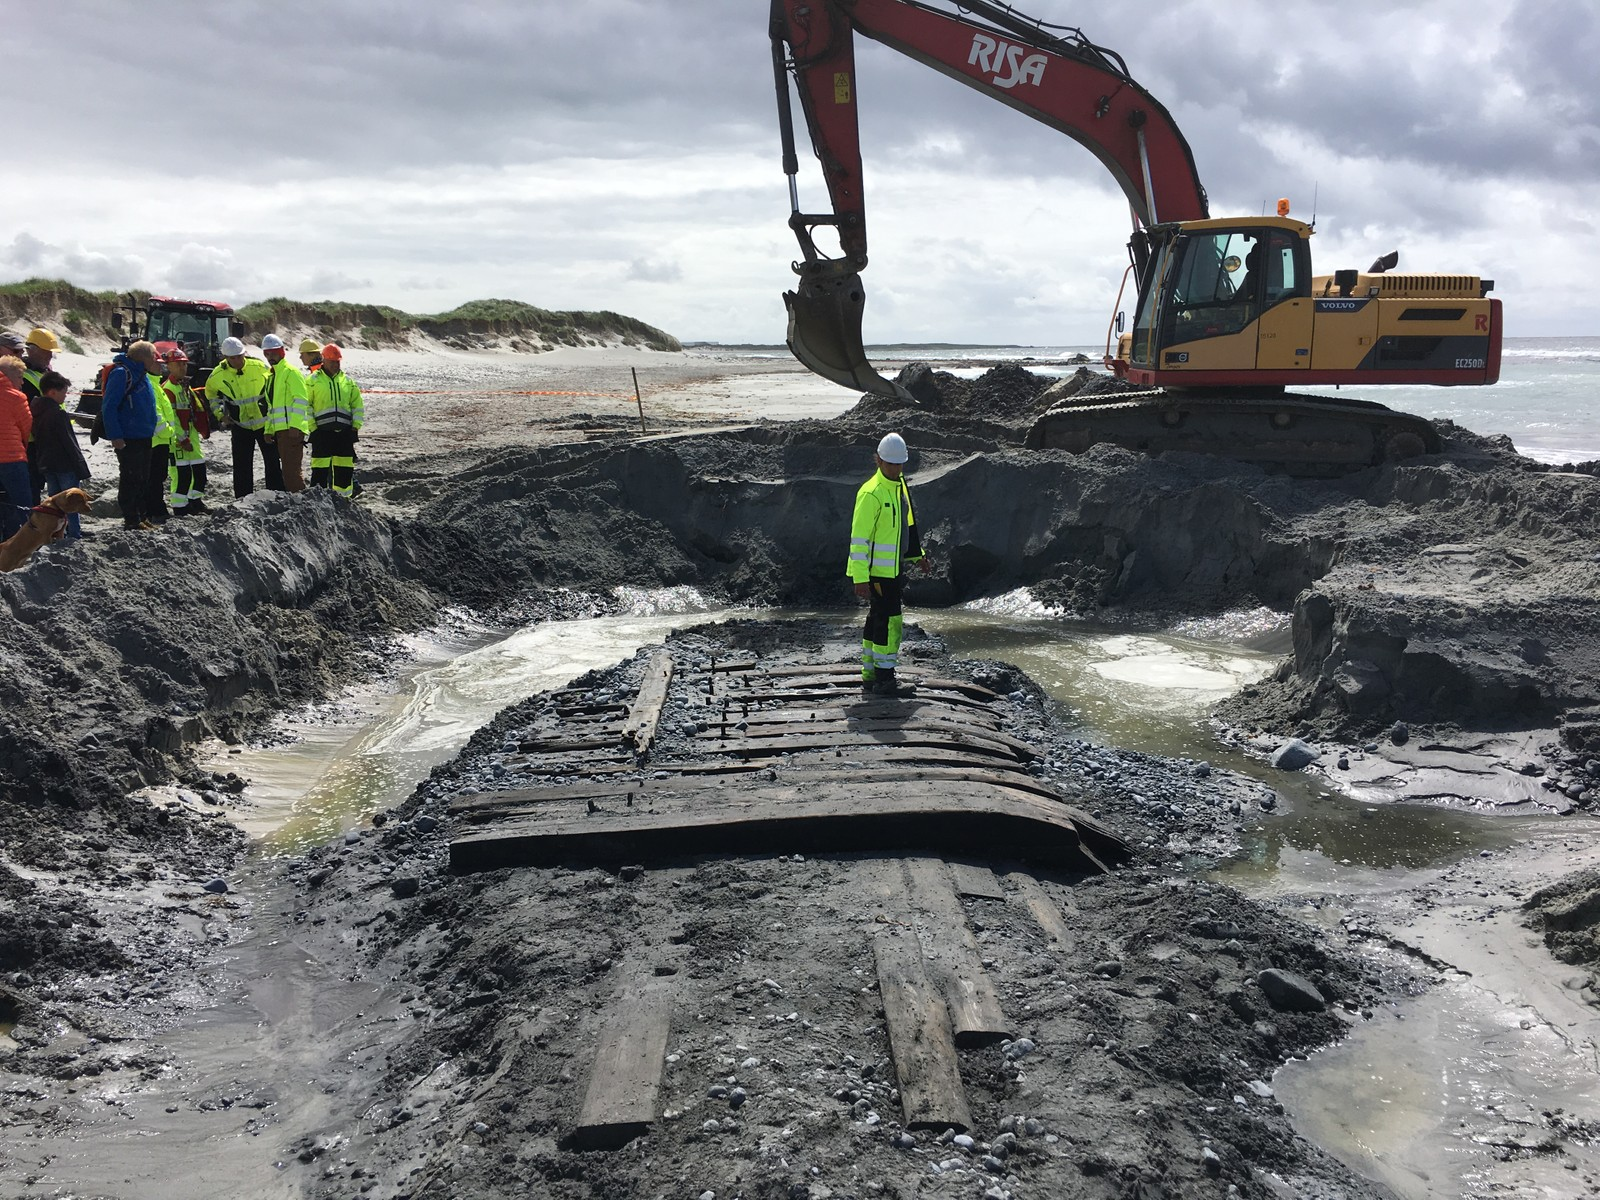 Vraket består av et 10x4 meter stort flak, som er en del av skutesiden. Flaket ble begravd dypt i sanden etter en storm.